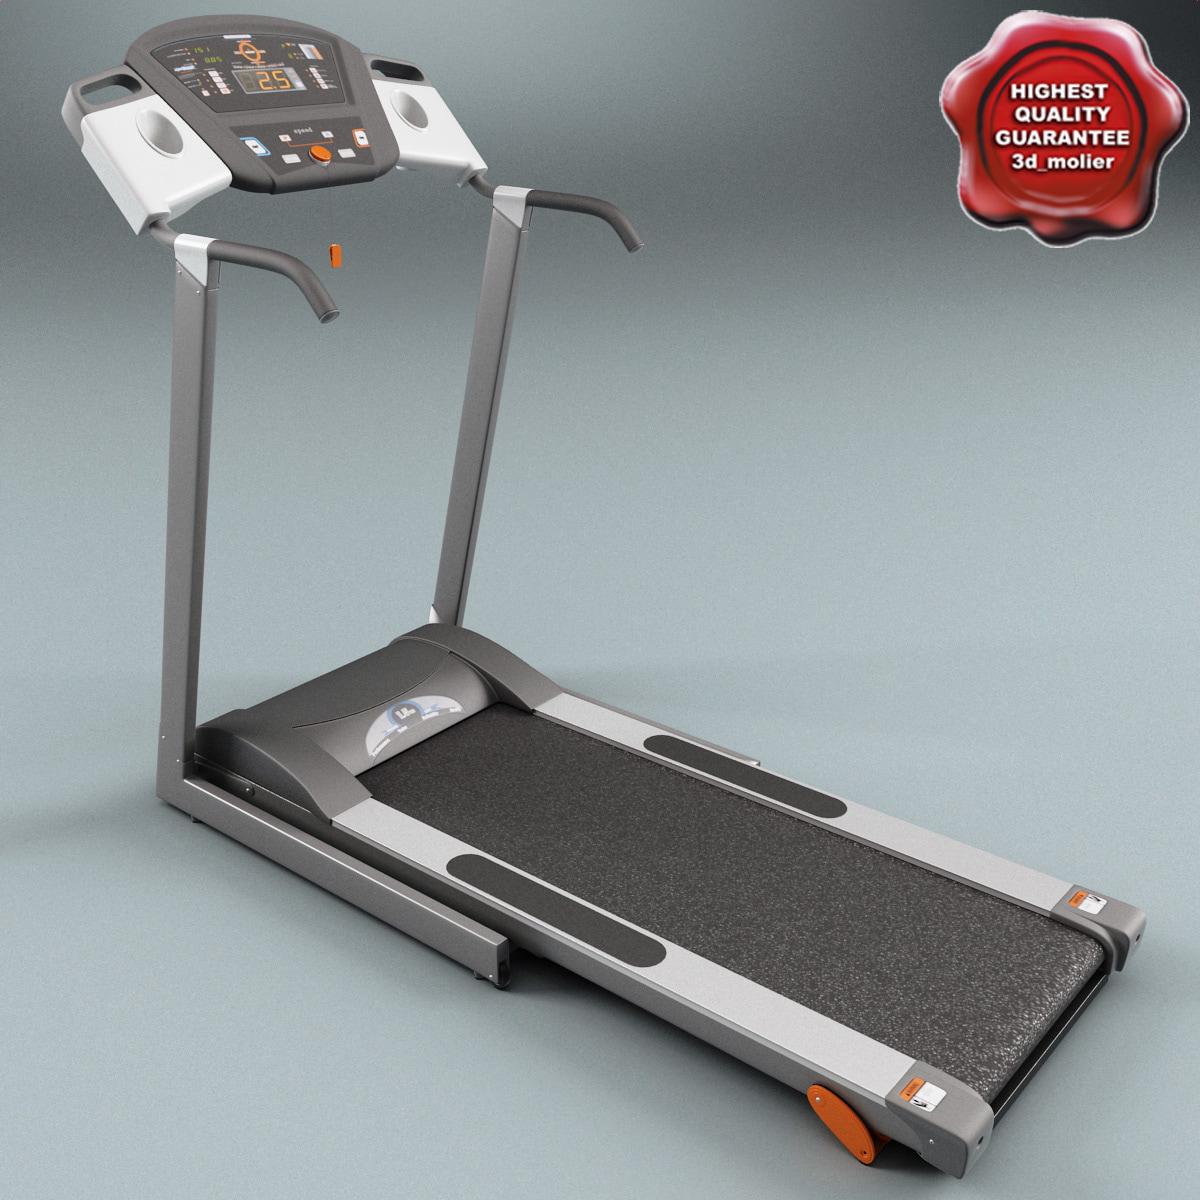 Treadmill_V2_00.jpg